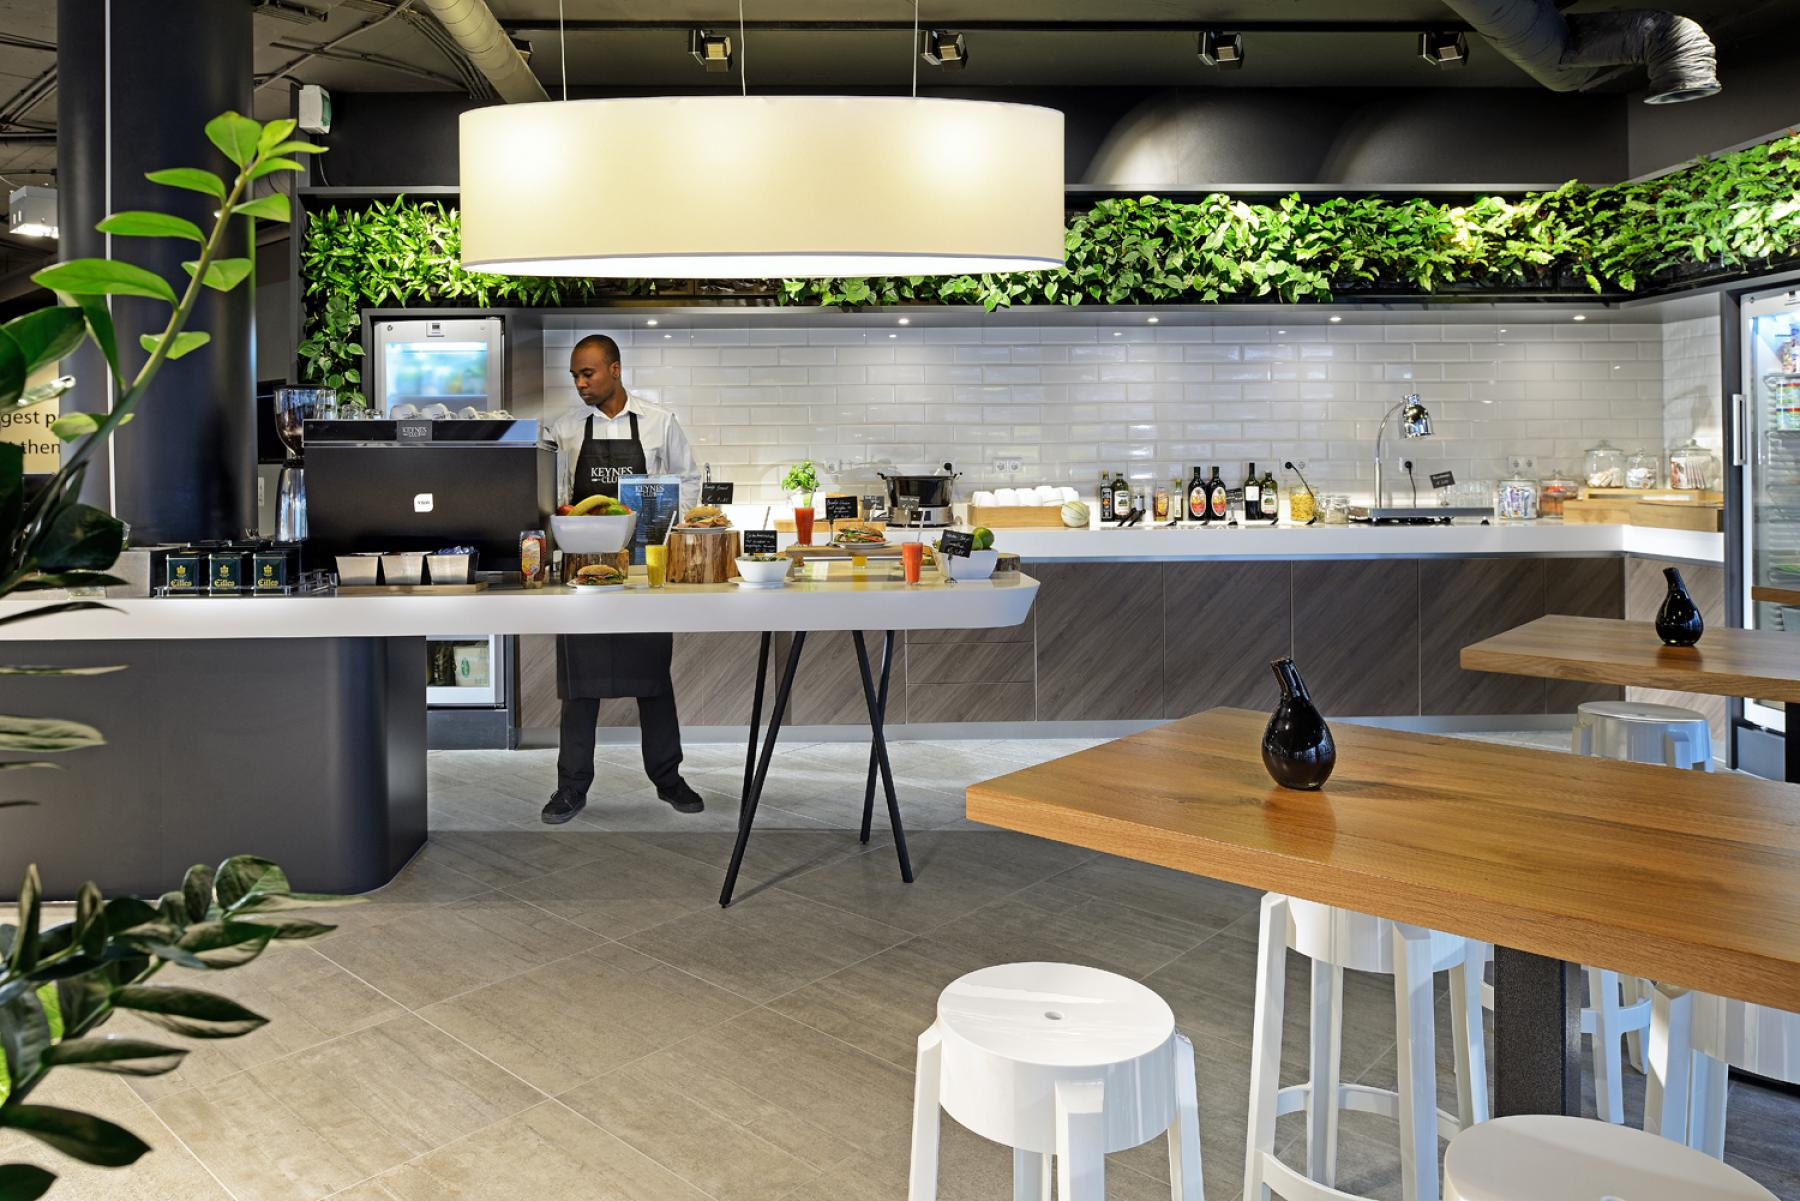 restaurant broodje eten amsterdam zuidoost kantoorpand tafel stoelen medewerker keuken